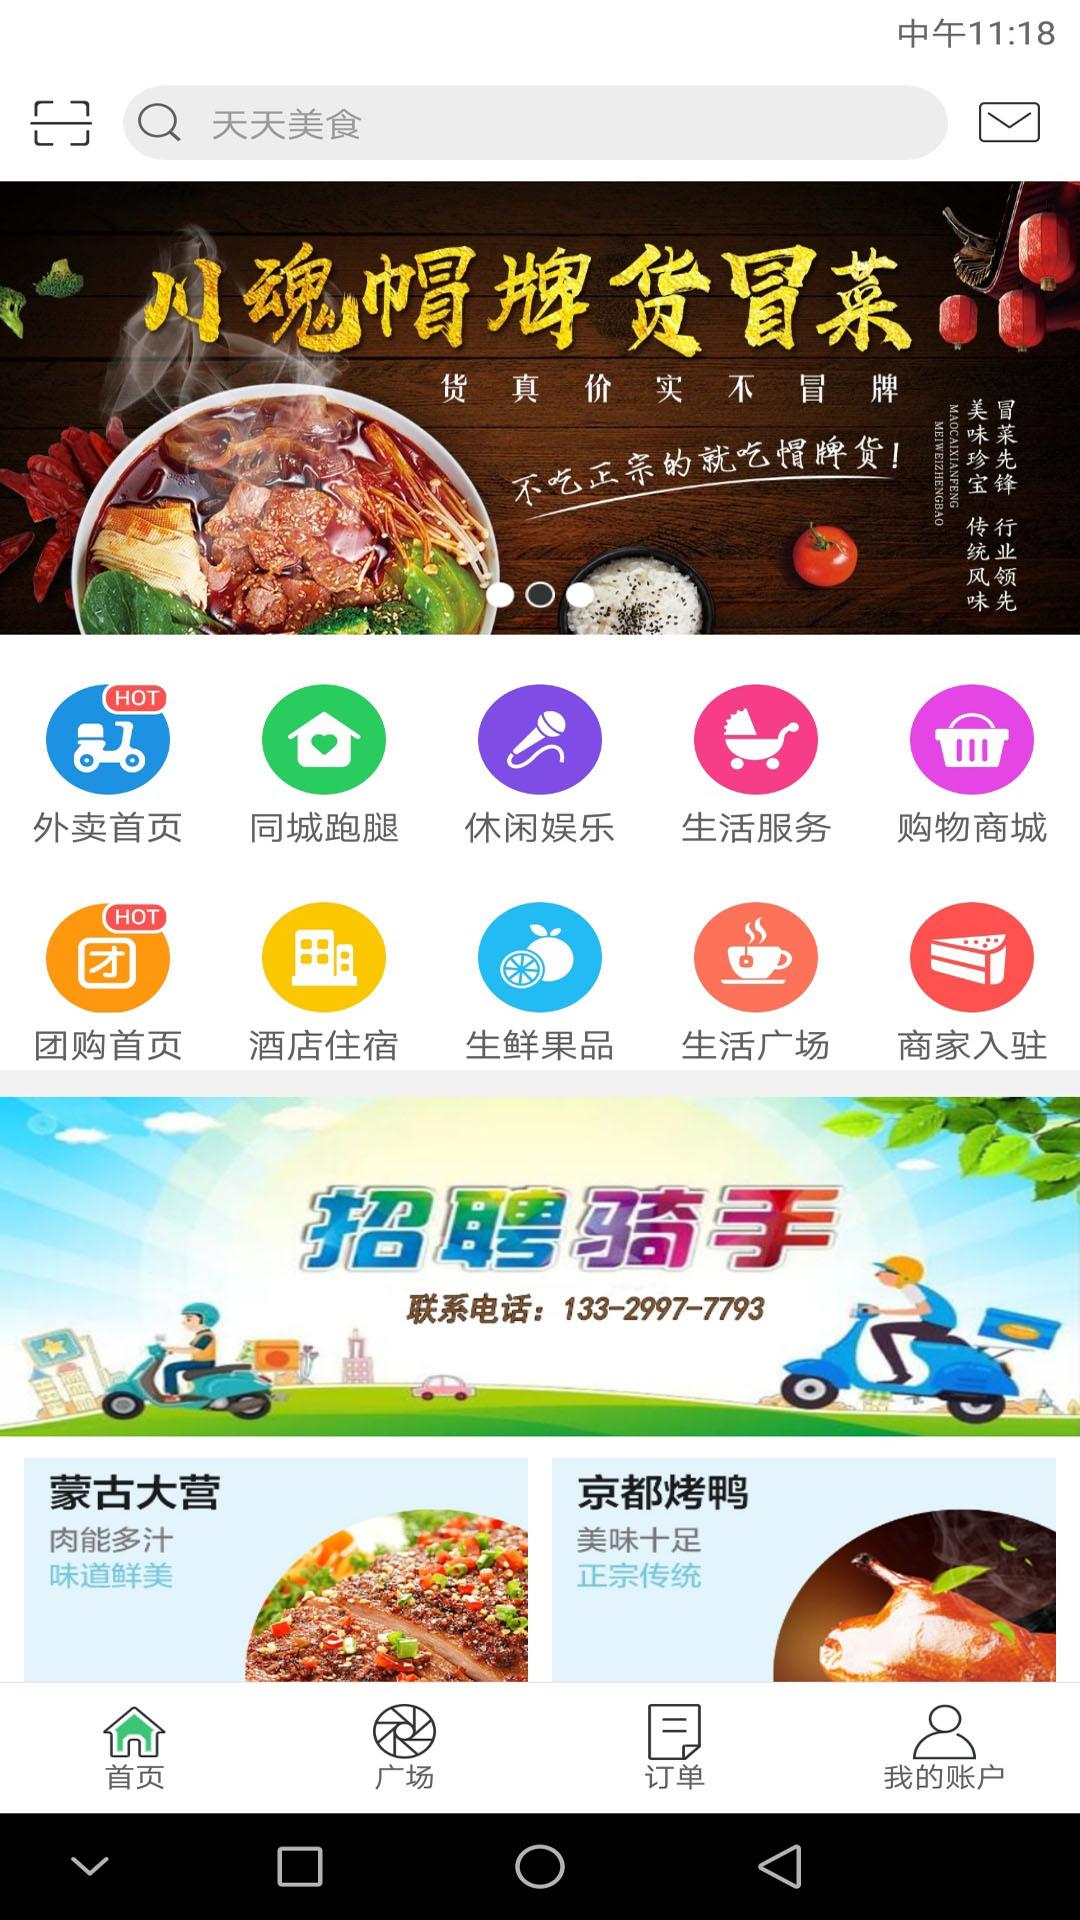 幸福鄂州 V4.0.1 安卓版截图3